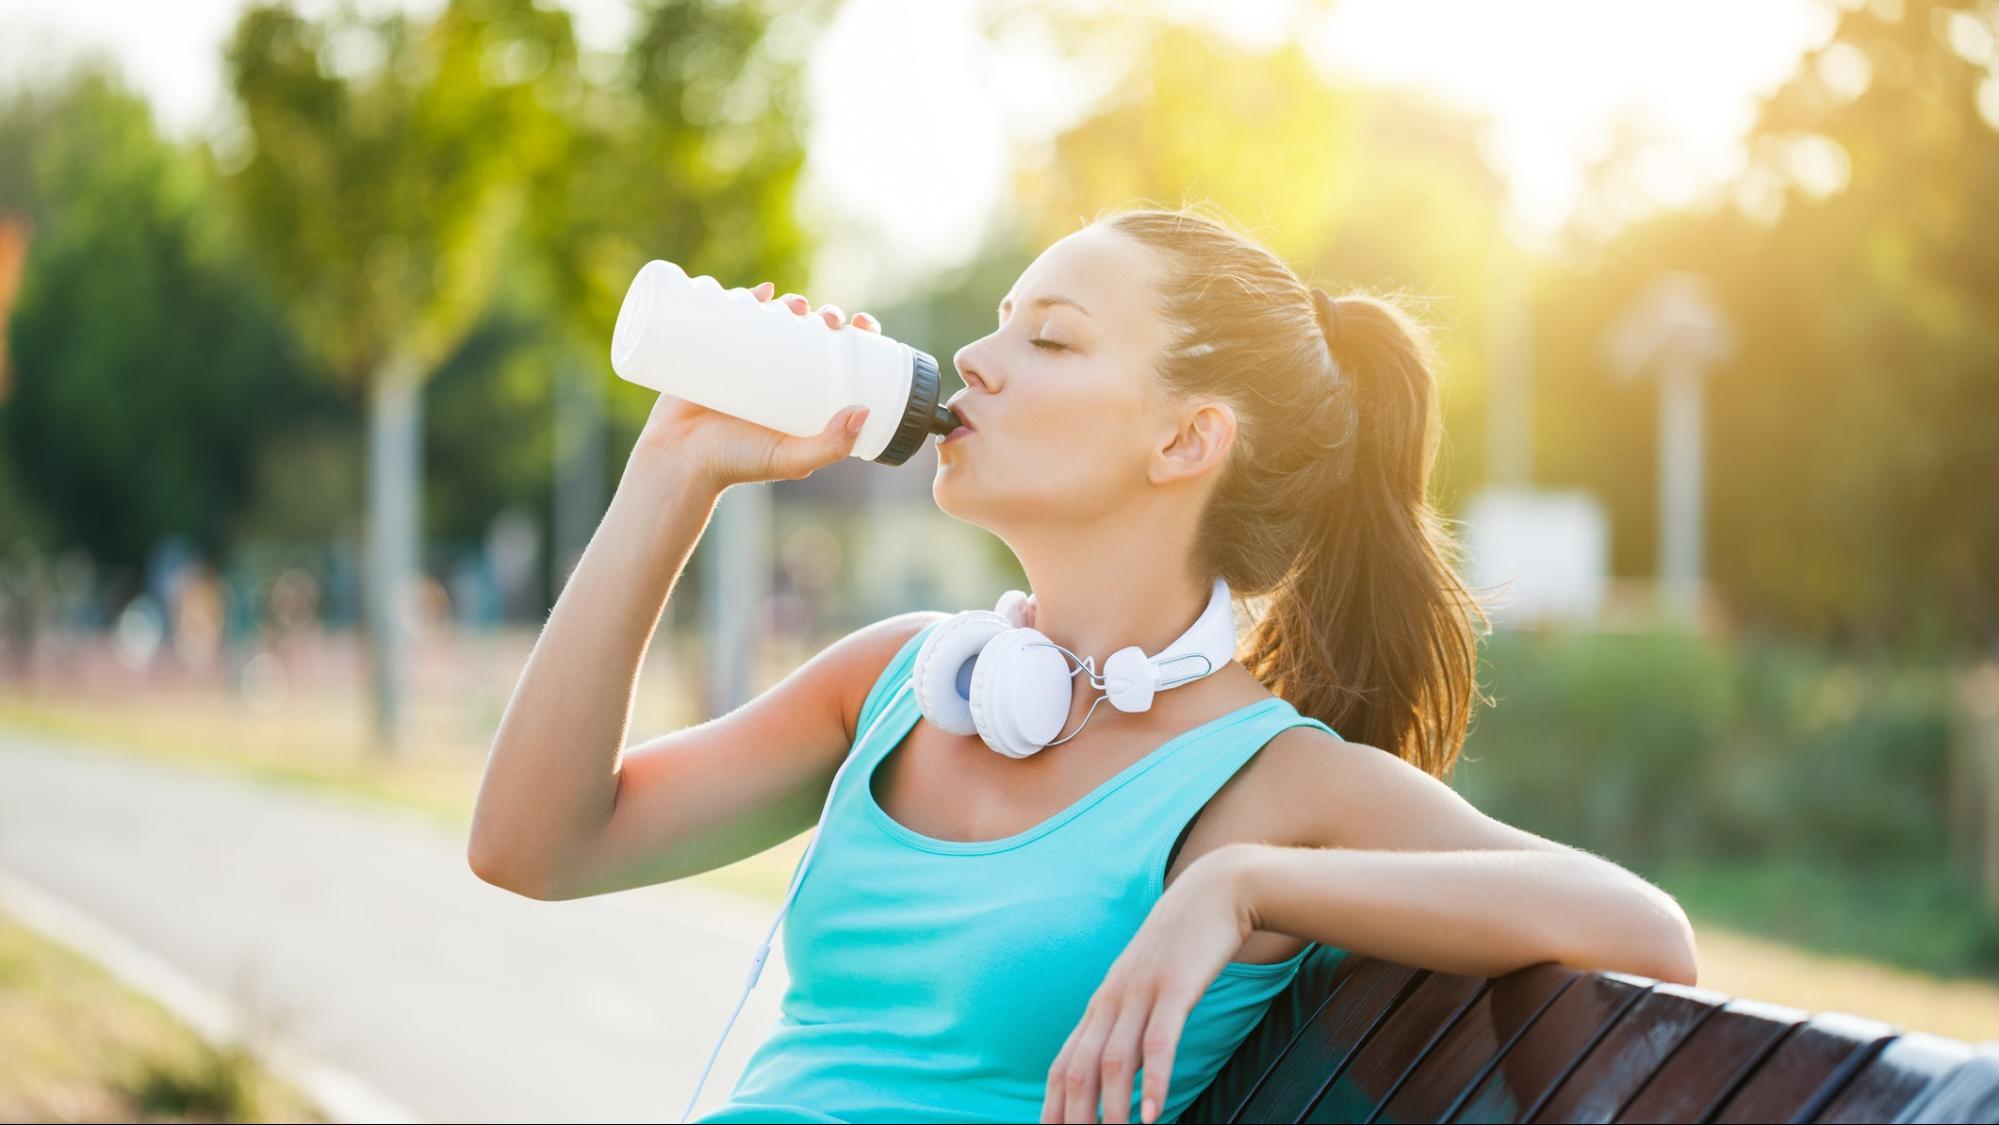 Uống Nước Như Thế Nào Cho Đúng Cách Khi Tập Nhảy? 2